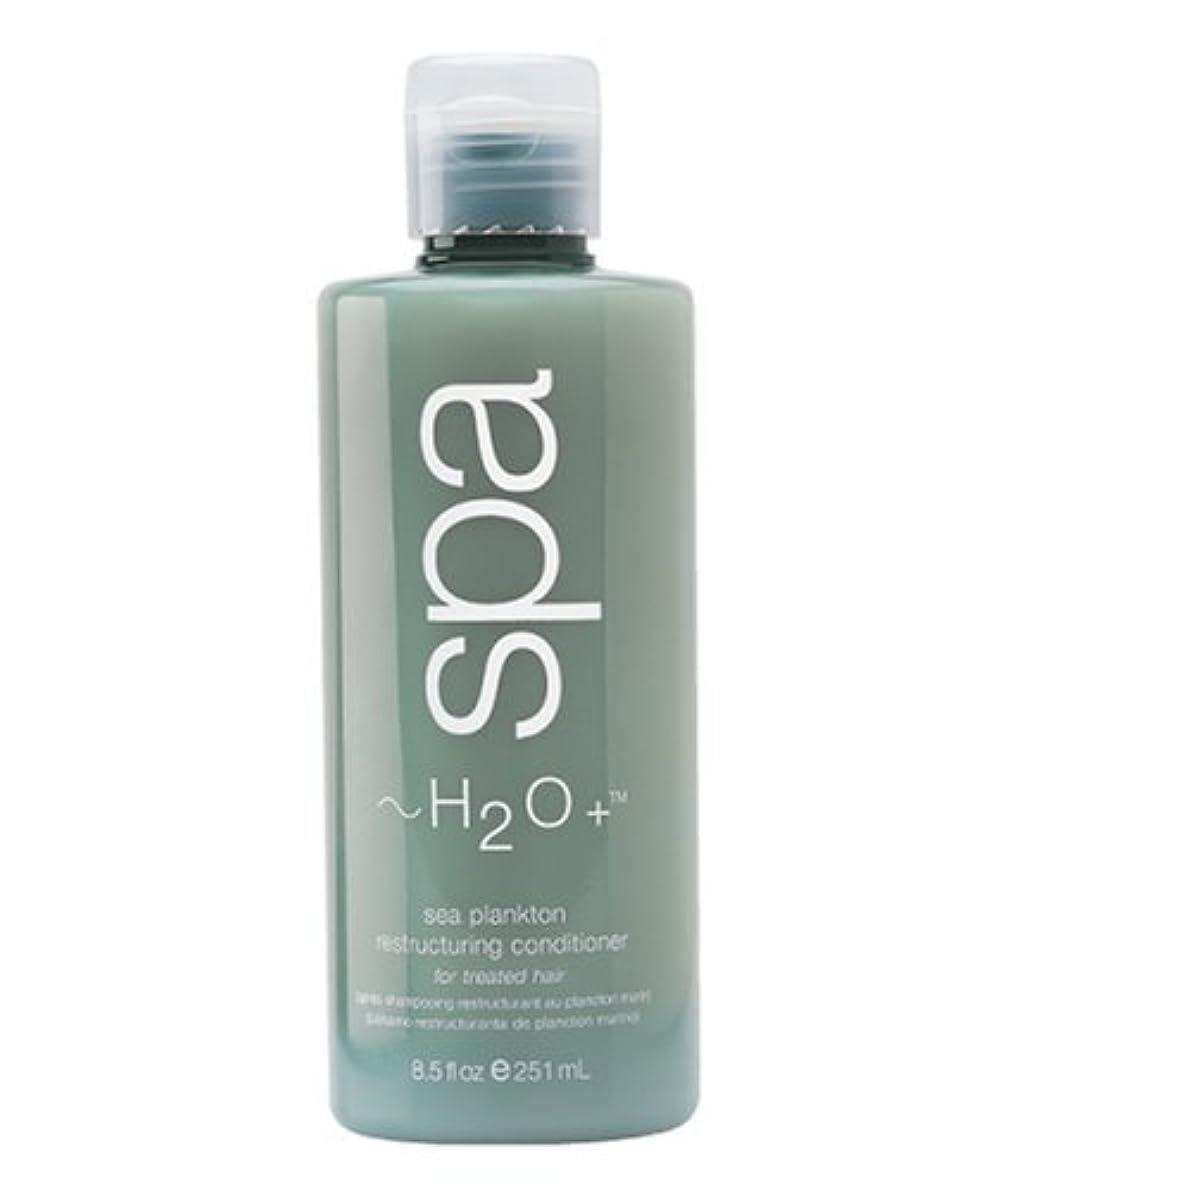 汚染するでる地雷原H2O + Sea Plankton Restructuring Conditioner For Treated Hair 8.5 Fl.Oz. by H2O Plus by H2O Plus